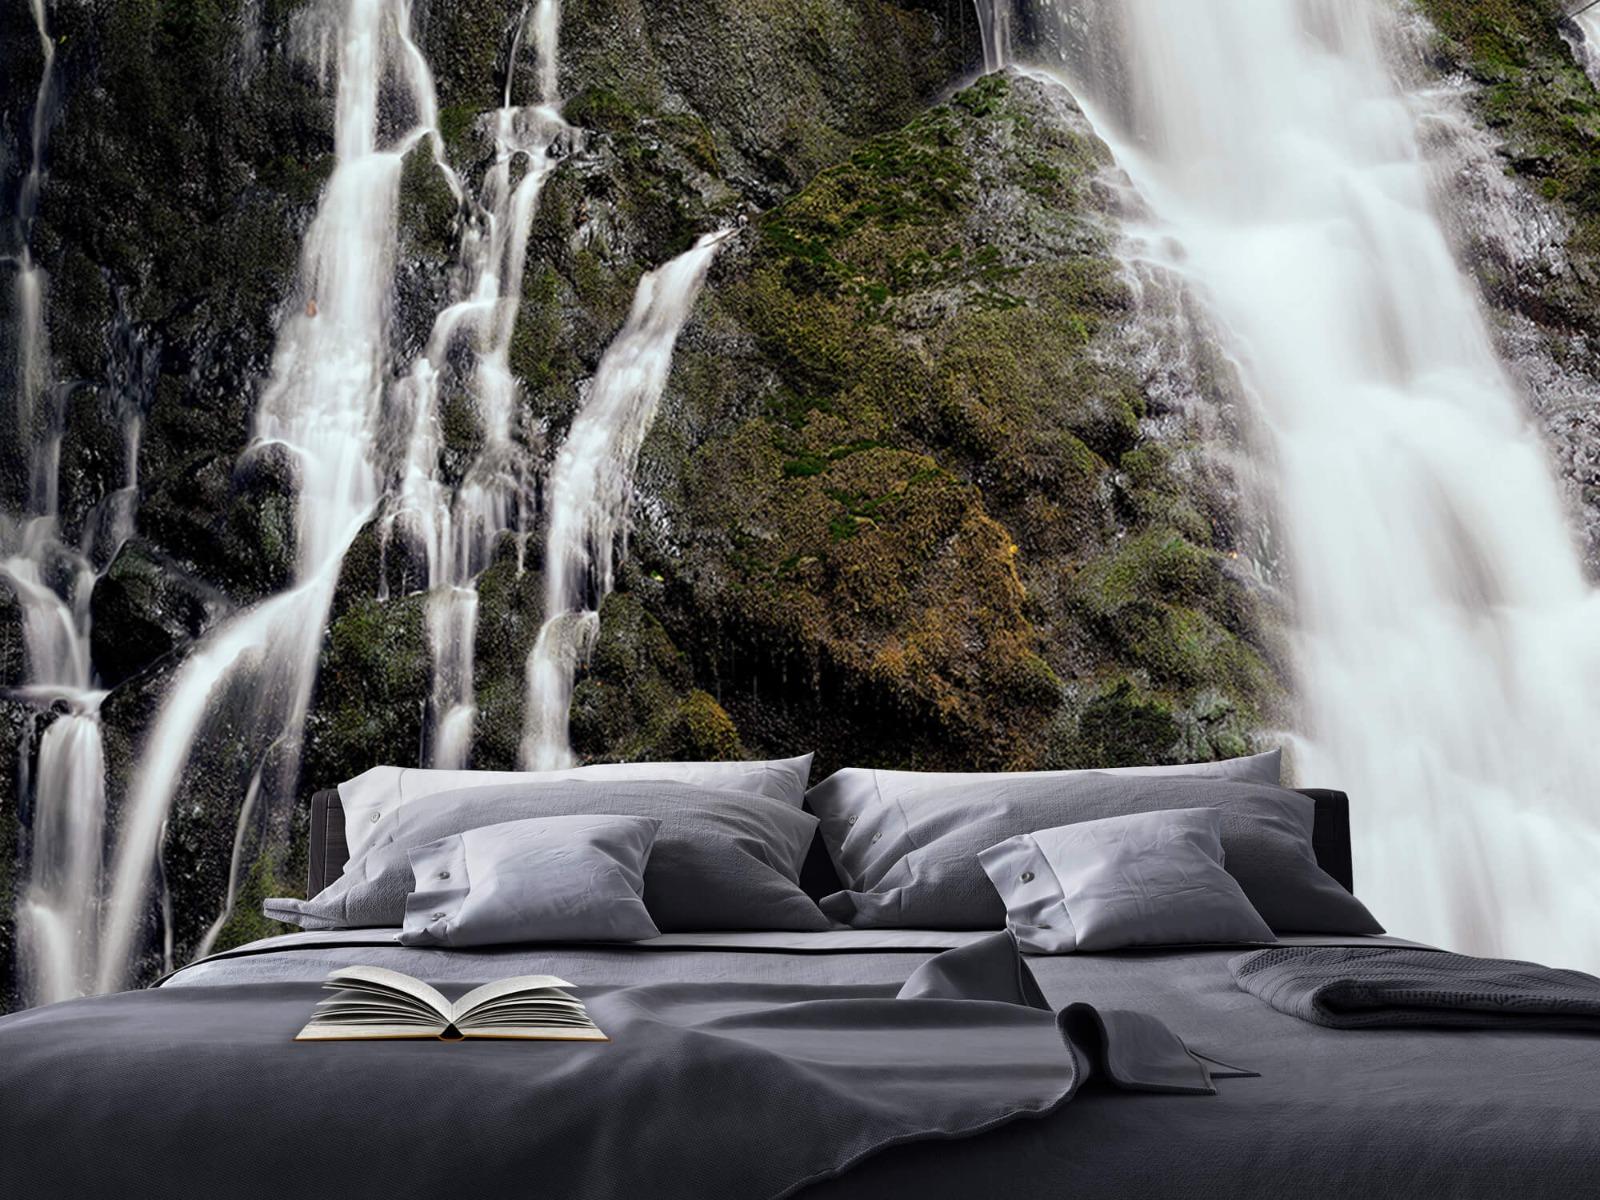 Watervallen - Waterval met 4 stromen - Wallexclusive - Slaapkamer 18